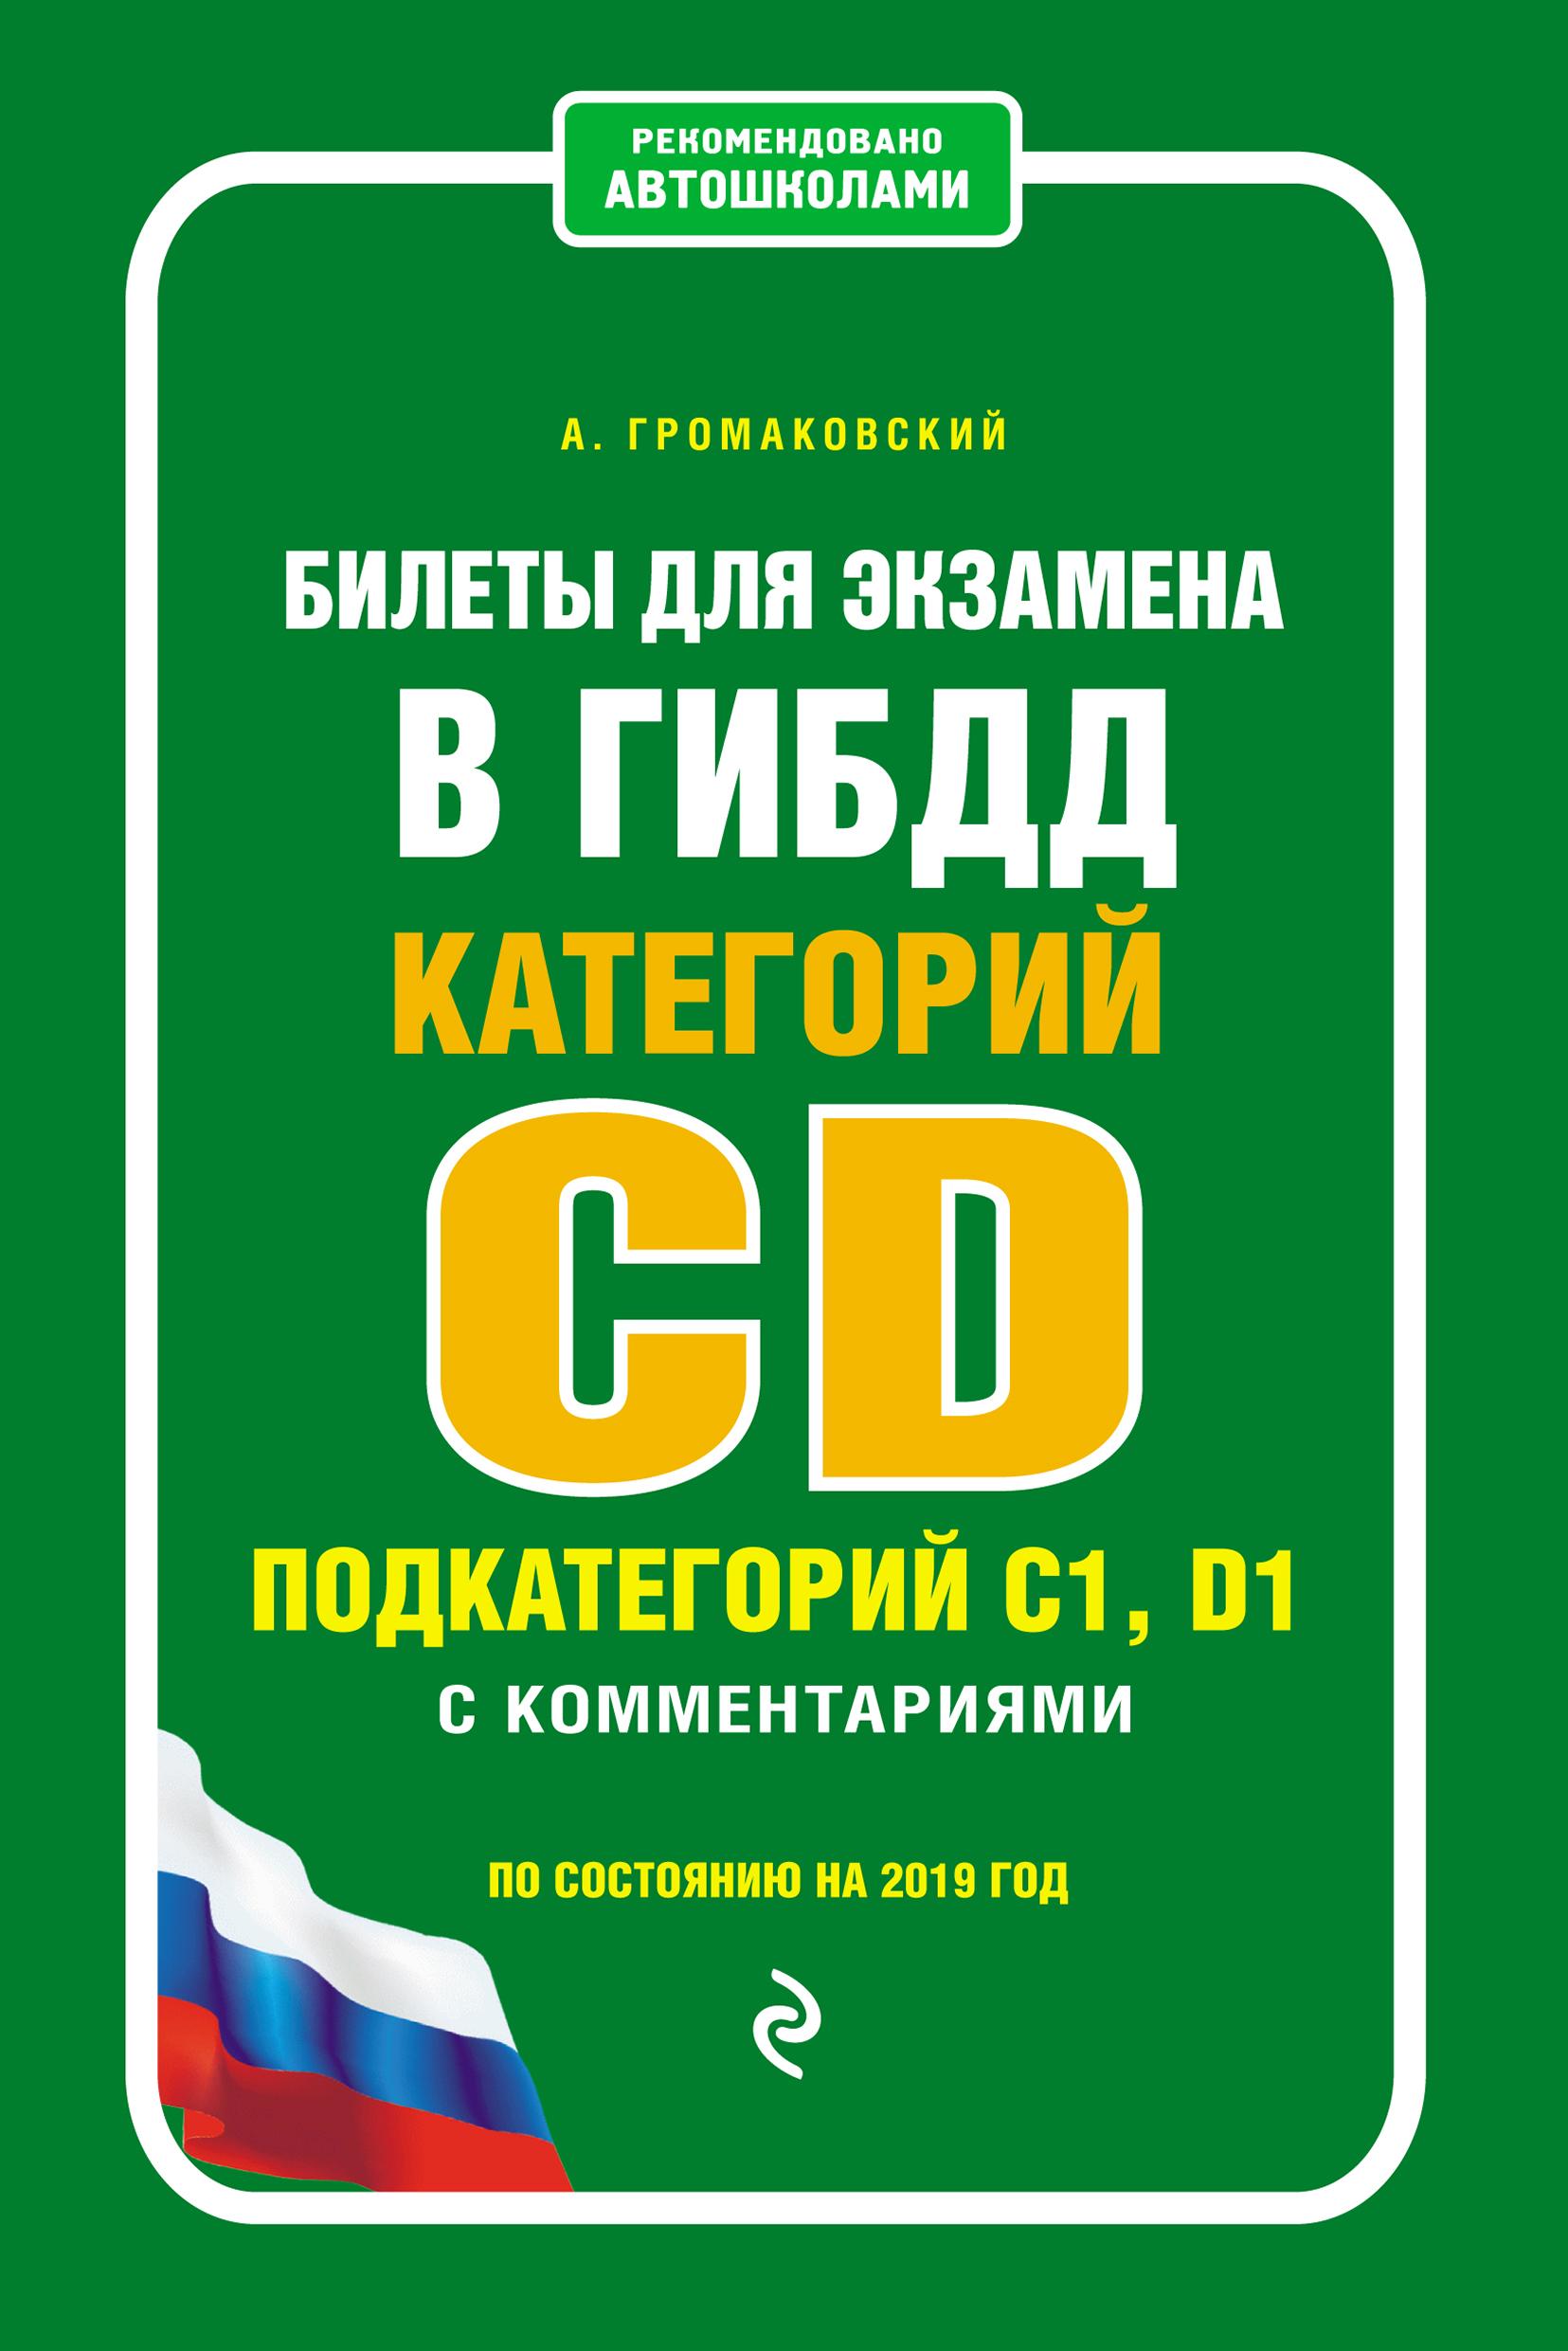 Алексей Громаковский Билеты для экзамена в ГИБДД категорий C и D, подкатегорий C1, D1 с комментариями по состоянию на 2019 год